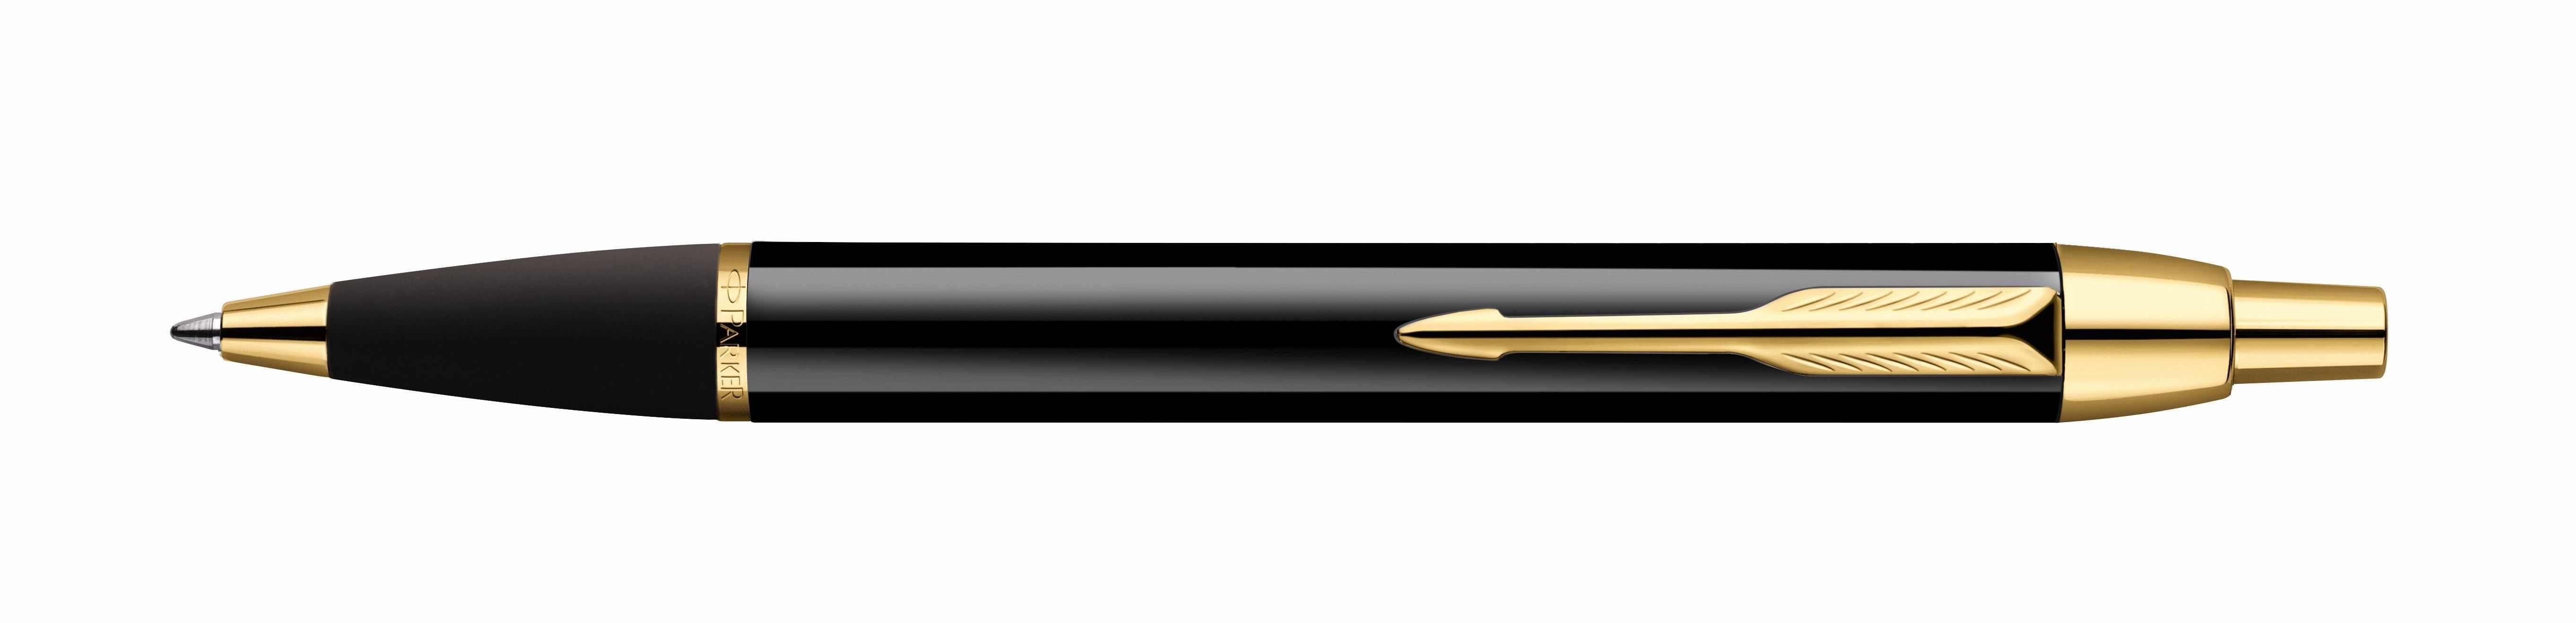 עט פרקר עם חריטה